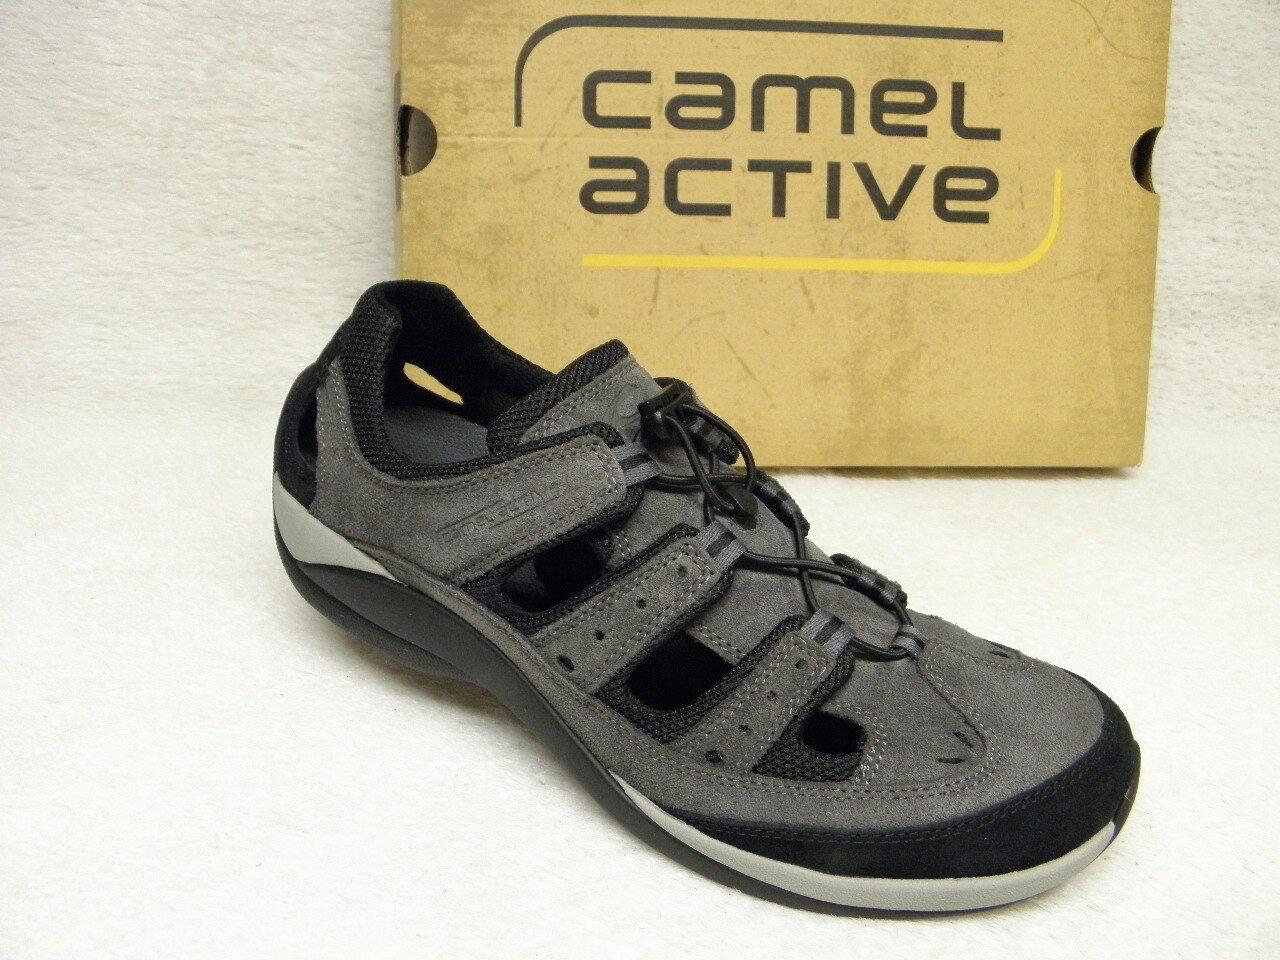 camel bisher active ®   bisher camel 109,95    grau  + gratis Premium - Socken (C39) b95af3